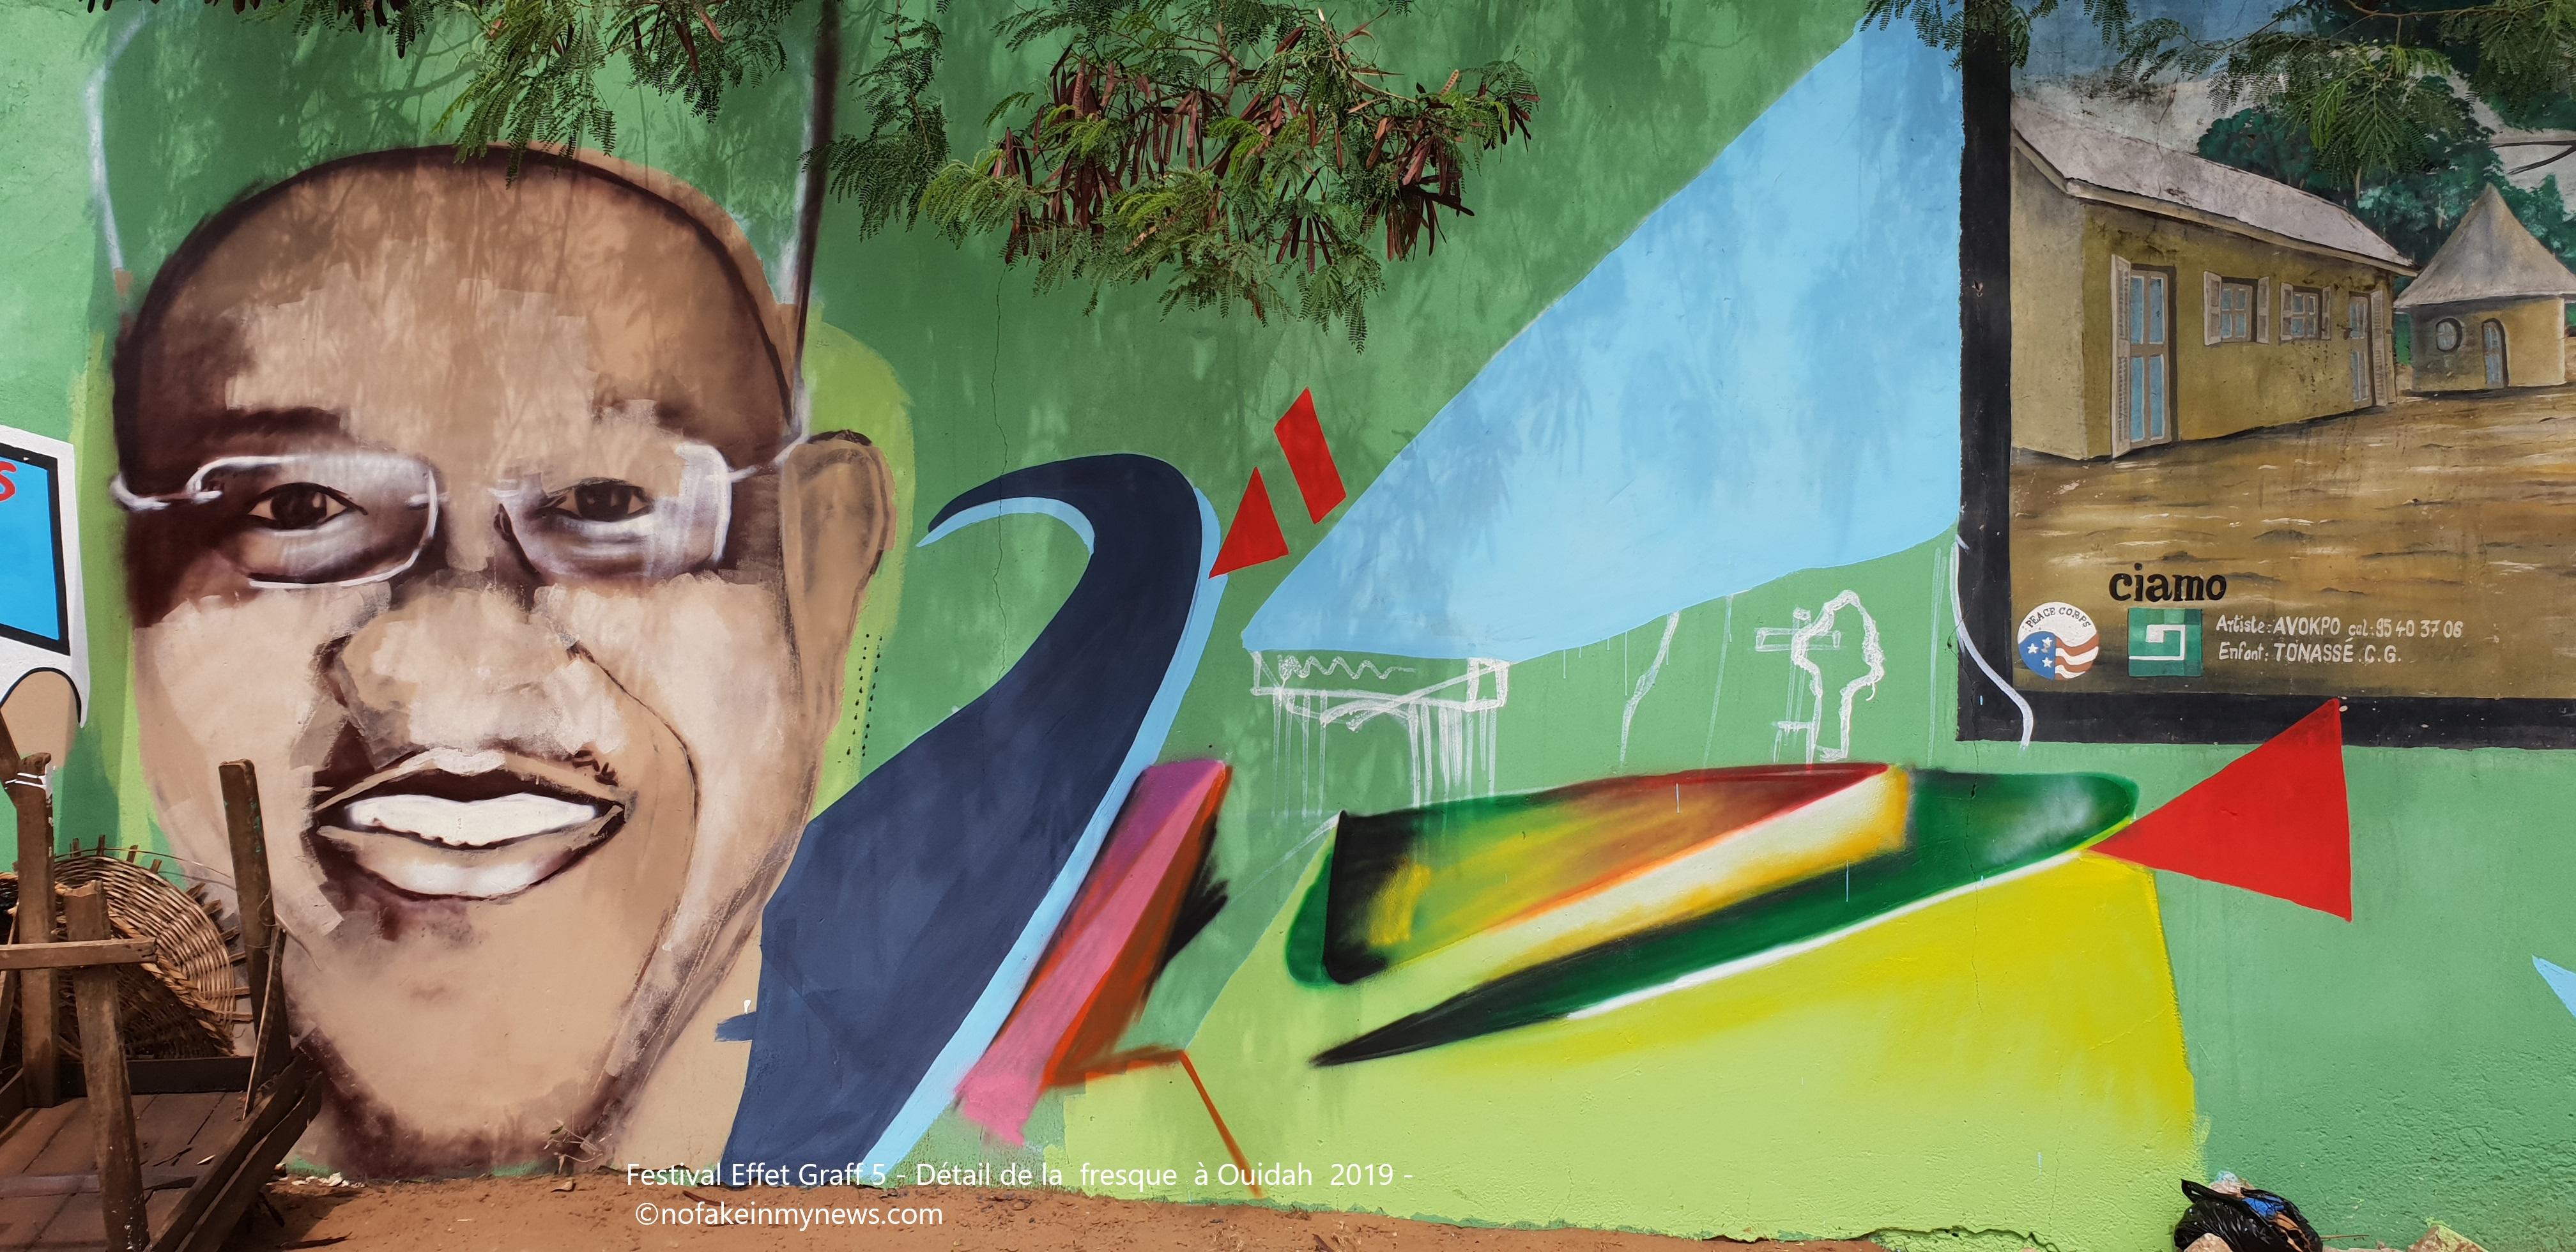 Festival Effet Graff 5 - Détail de la fresque à Ouidah 2019 --©nofakeinmynews